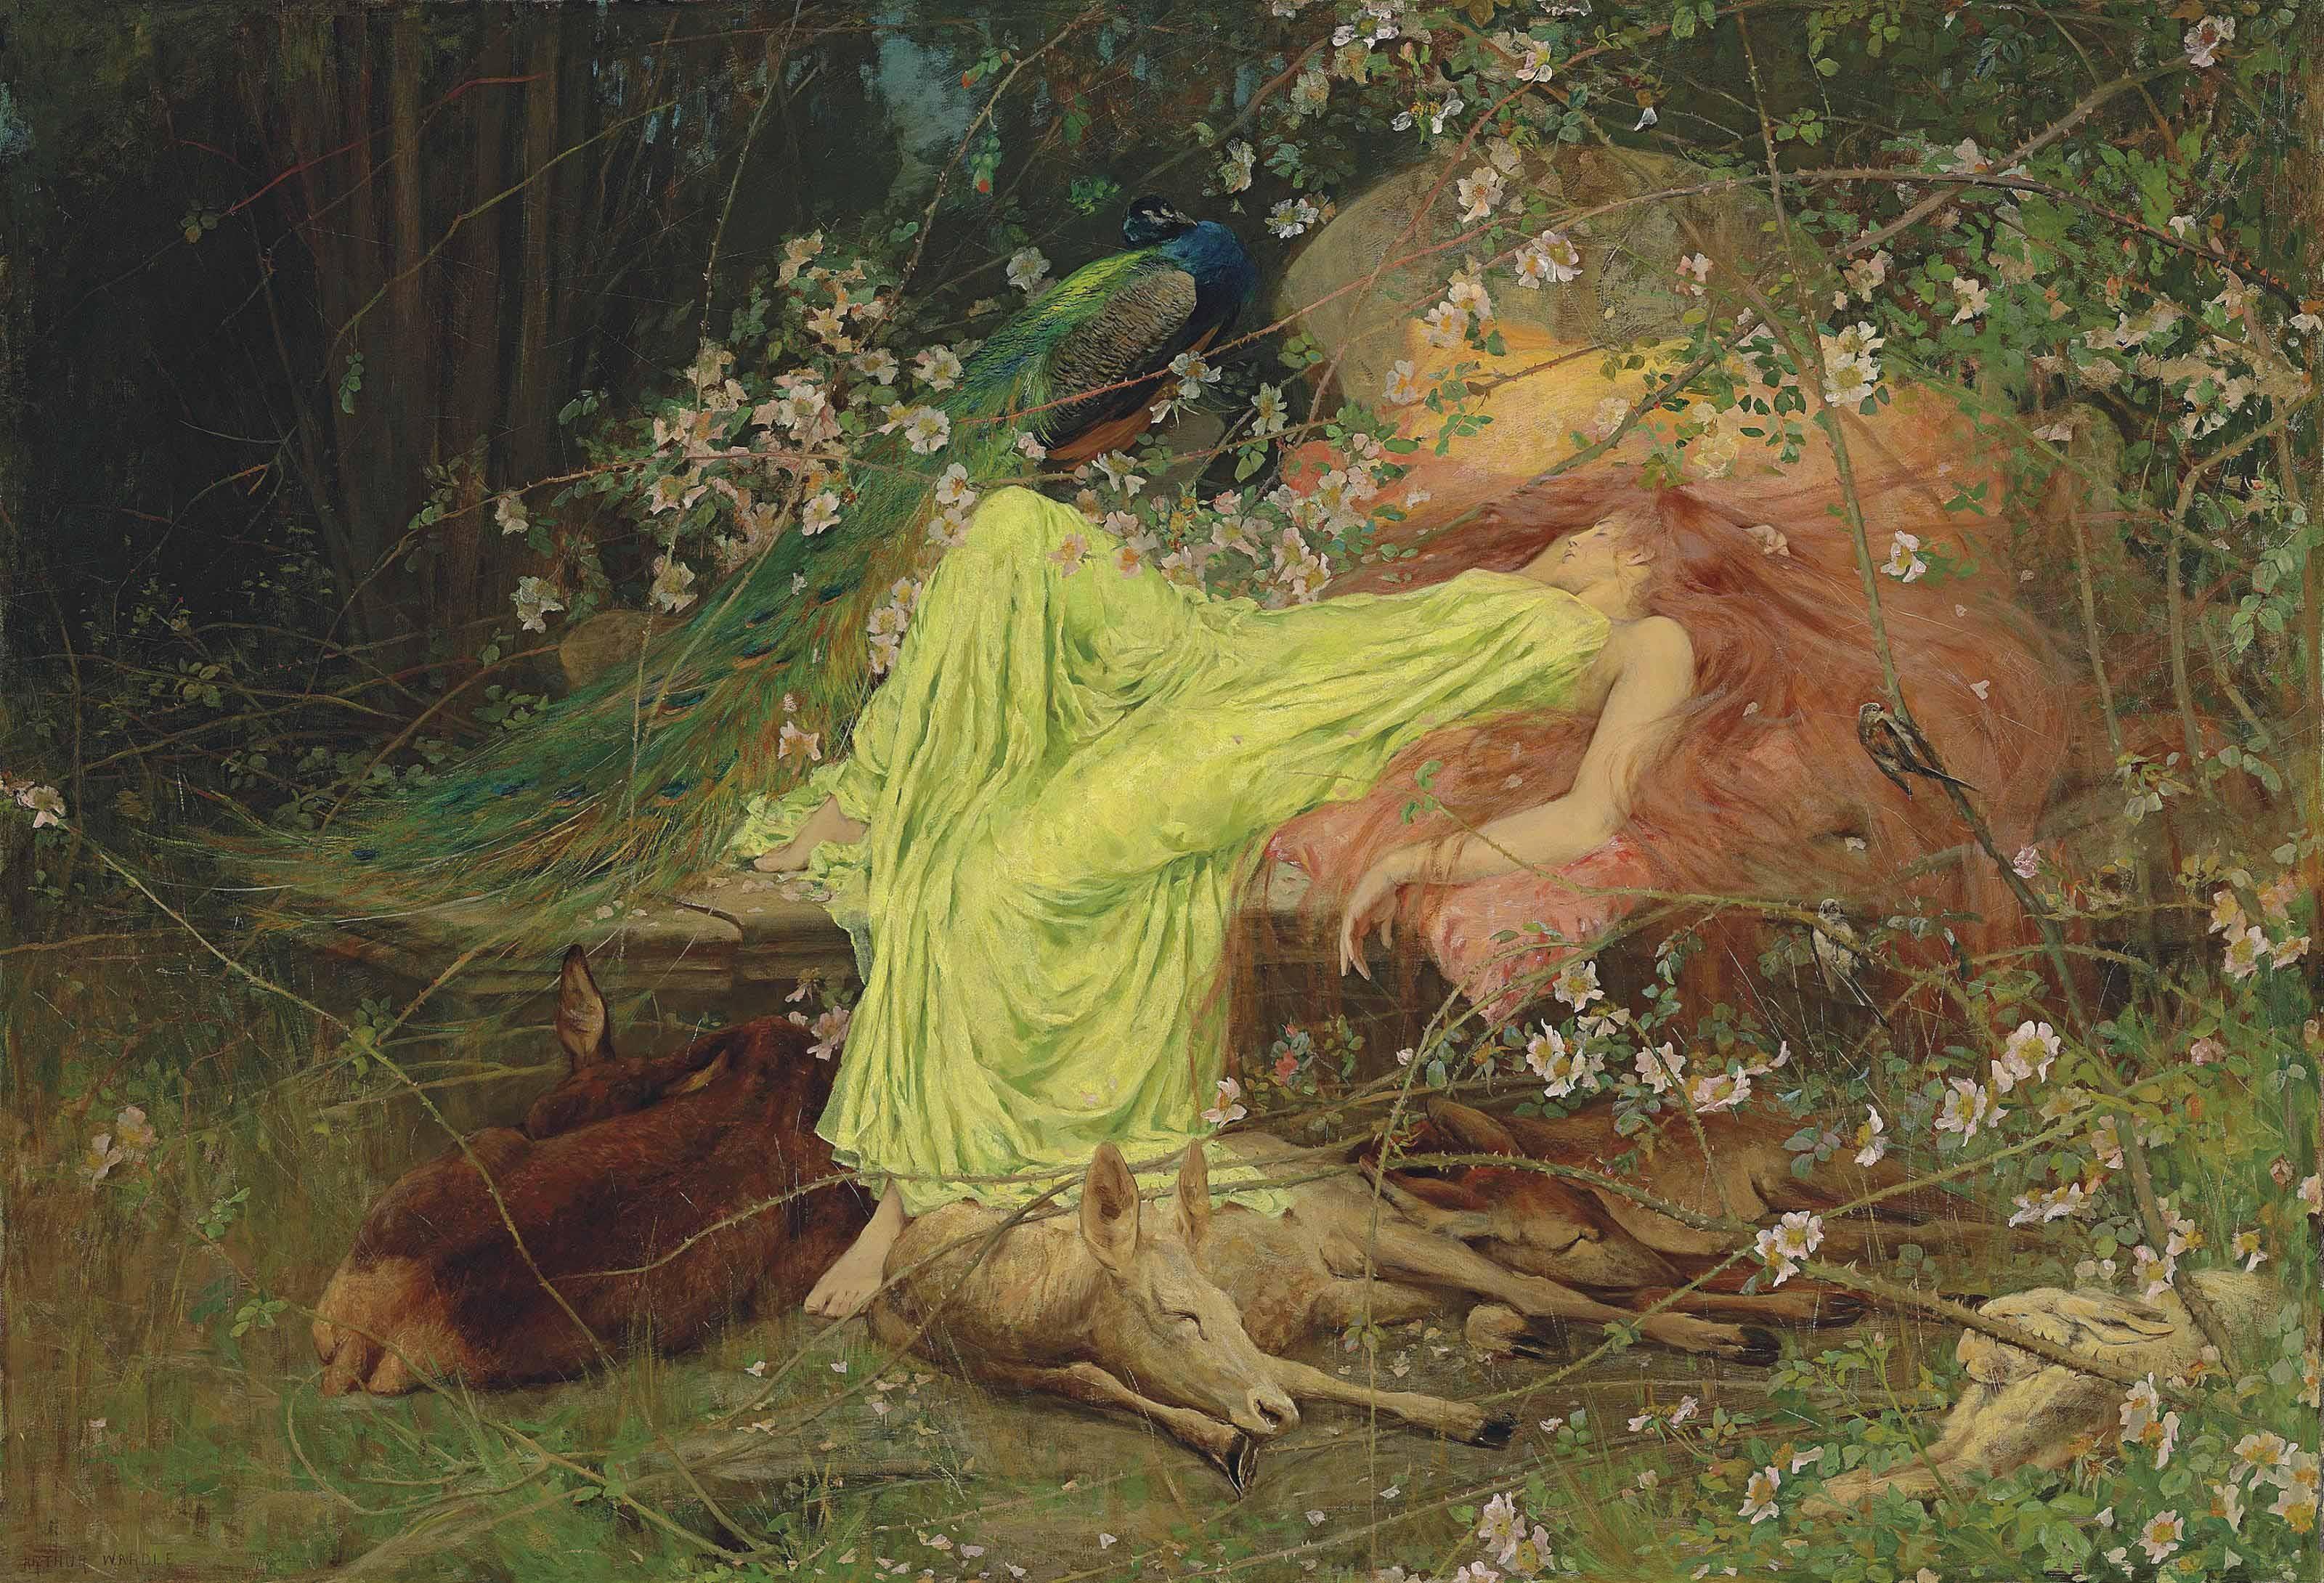 Arthur_Wardle_-_A_Fairy_Tale